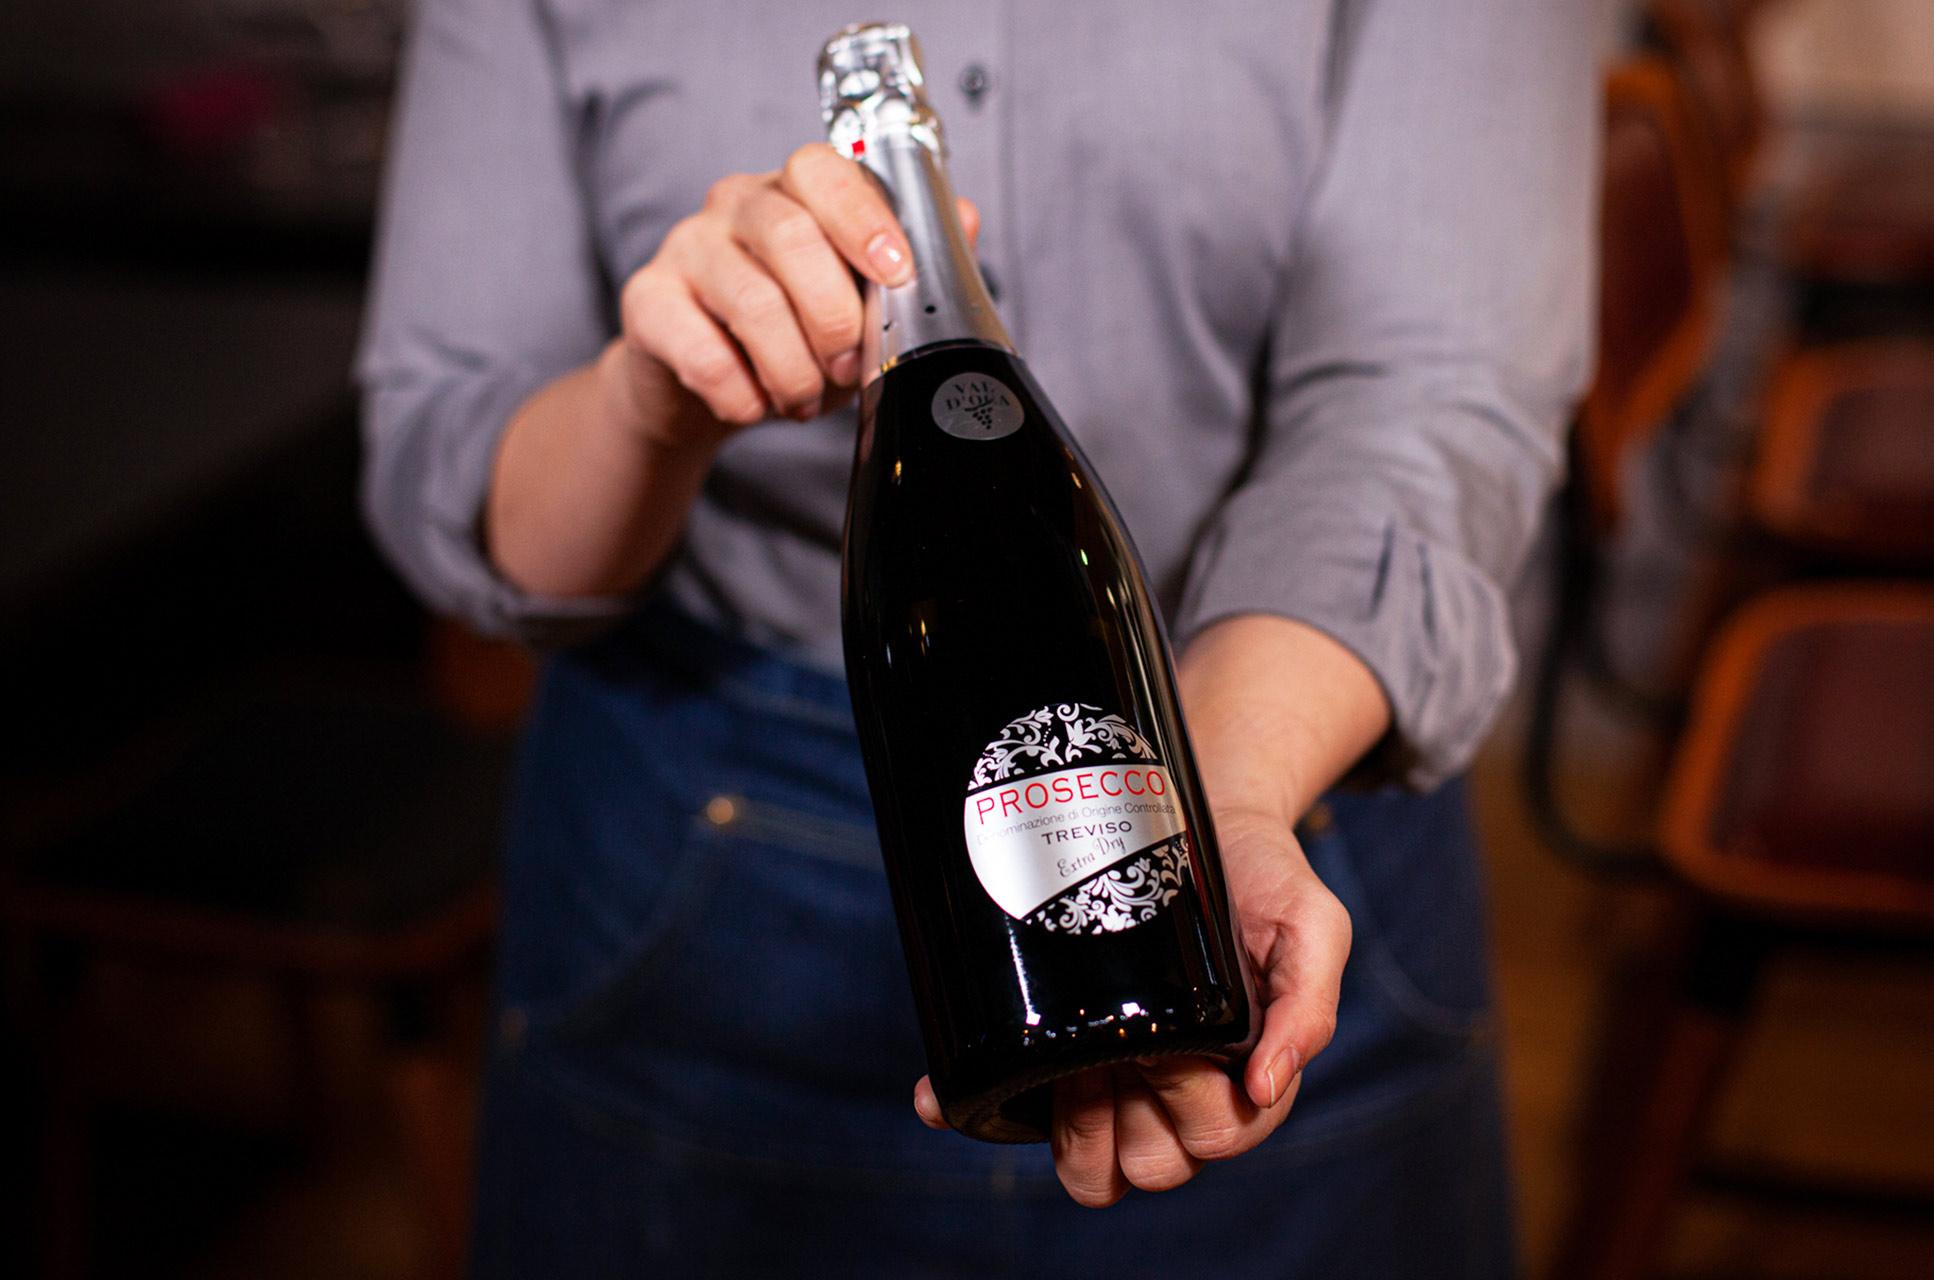 Ravintola Panoraman juoma- ja viinilistalta löytyy mm. erilaisia viinejä, joita ammattitaitoinen henkilökunta suosittelee kuhunkin annokseen sopivaksi.